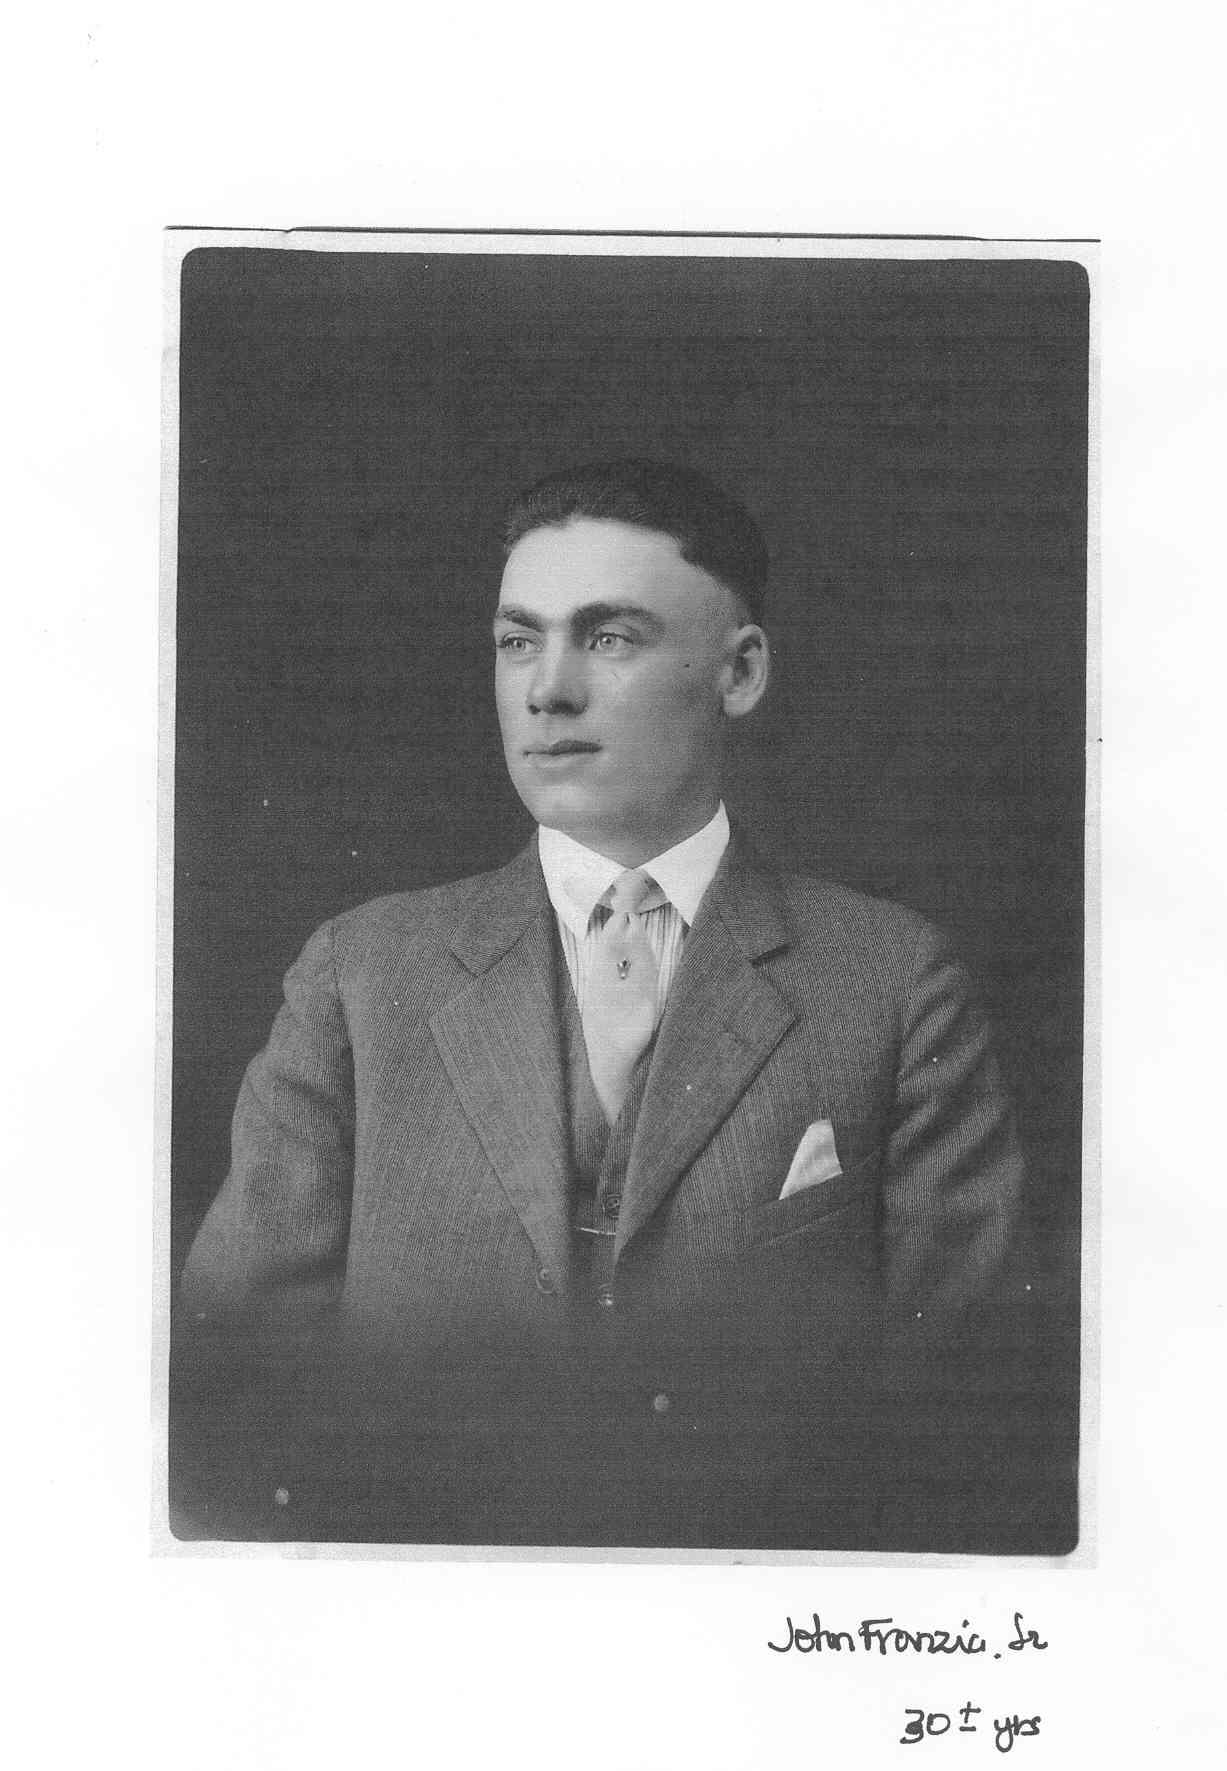 John Franzia Sr.